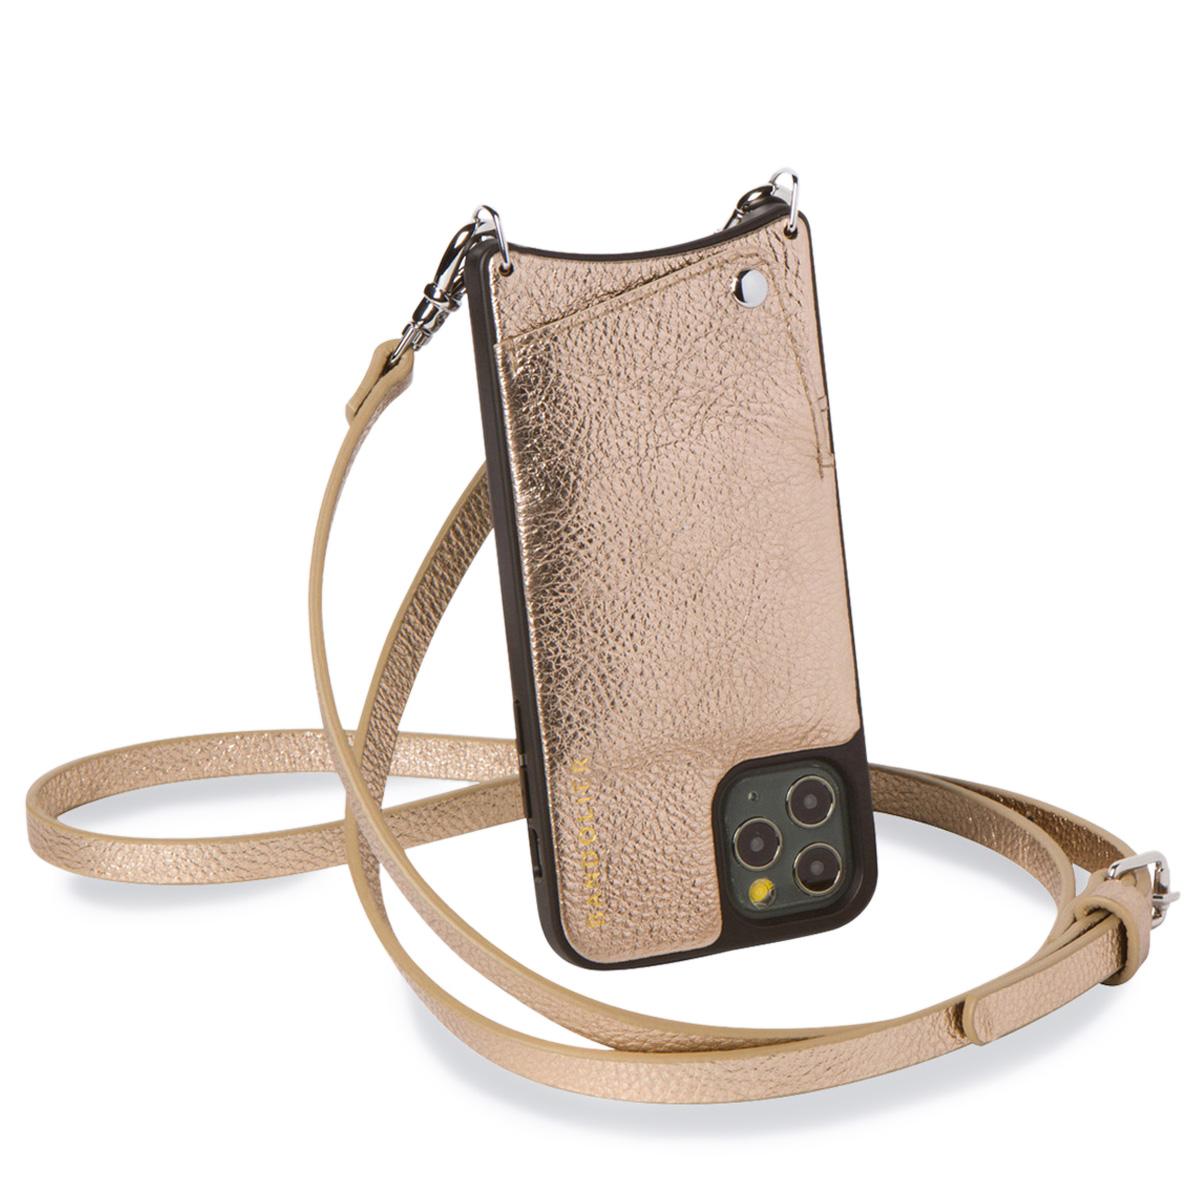 BANDOLIER EMMA CHAMPAGNE GOLD バンドリヤー iPhone11 Pro MAX ケース スマホ 携帯 ショルダー アイフォン エマ メンズ レディース レザー ゴールド 10EMM